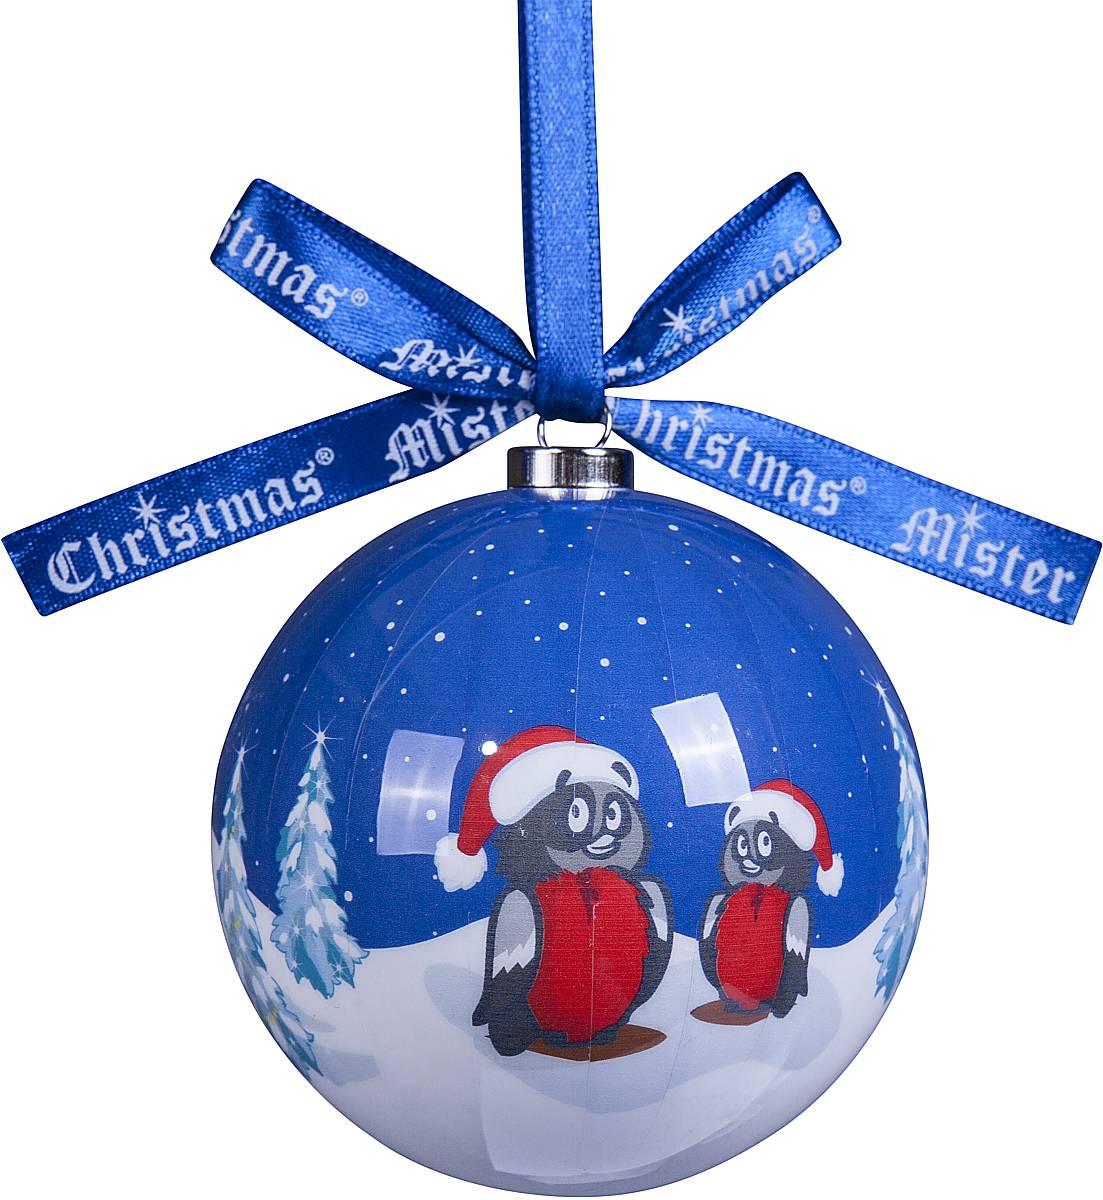 Украшение новогоднее подвесное Mister Christmas Папье-маше, диаметр 7,5 см. PM-54PM-54Подвесное украшение Mister Christmas Папье-маше выполнено вручную из бумаги и покрыто несколькими слоями лака. Такой шар очень легкий, но в то же время удивительно прочный. На создание одной такой игрушки уходит несколько дней. И в результате получается настоящее произведение искусства! Изделие оснащено атласной ленточкой с логотипом бренда Mister Christmas для подвешивания. Такое украшение станет превосходным подарком к Новому году, а так же дополнит коллекцию оригинальных новогодних елочных игрушек.